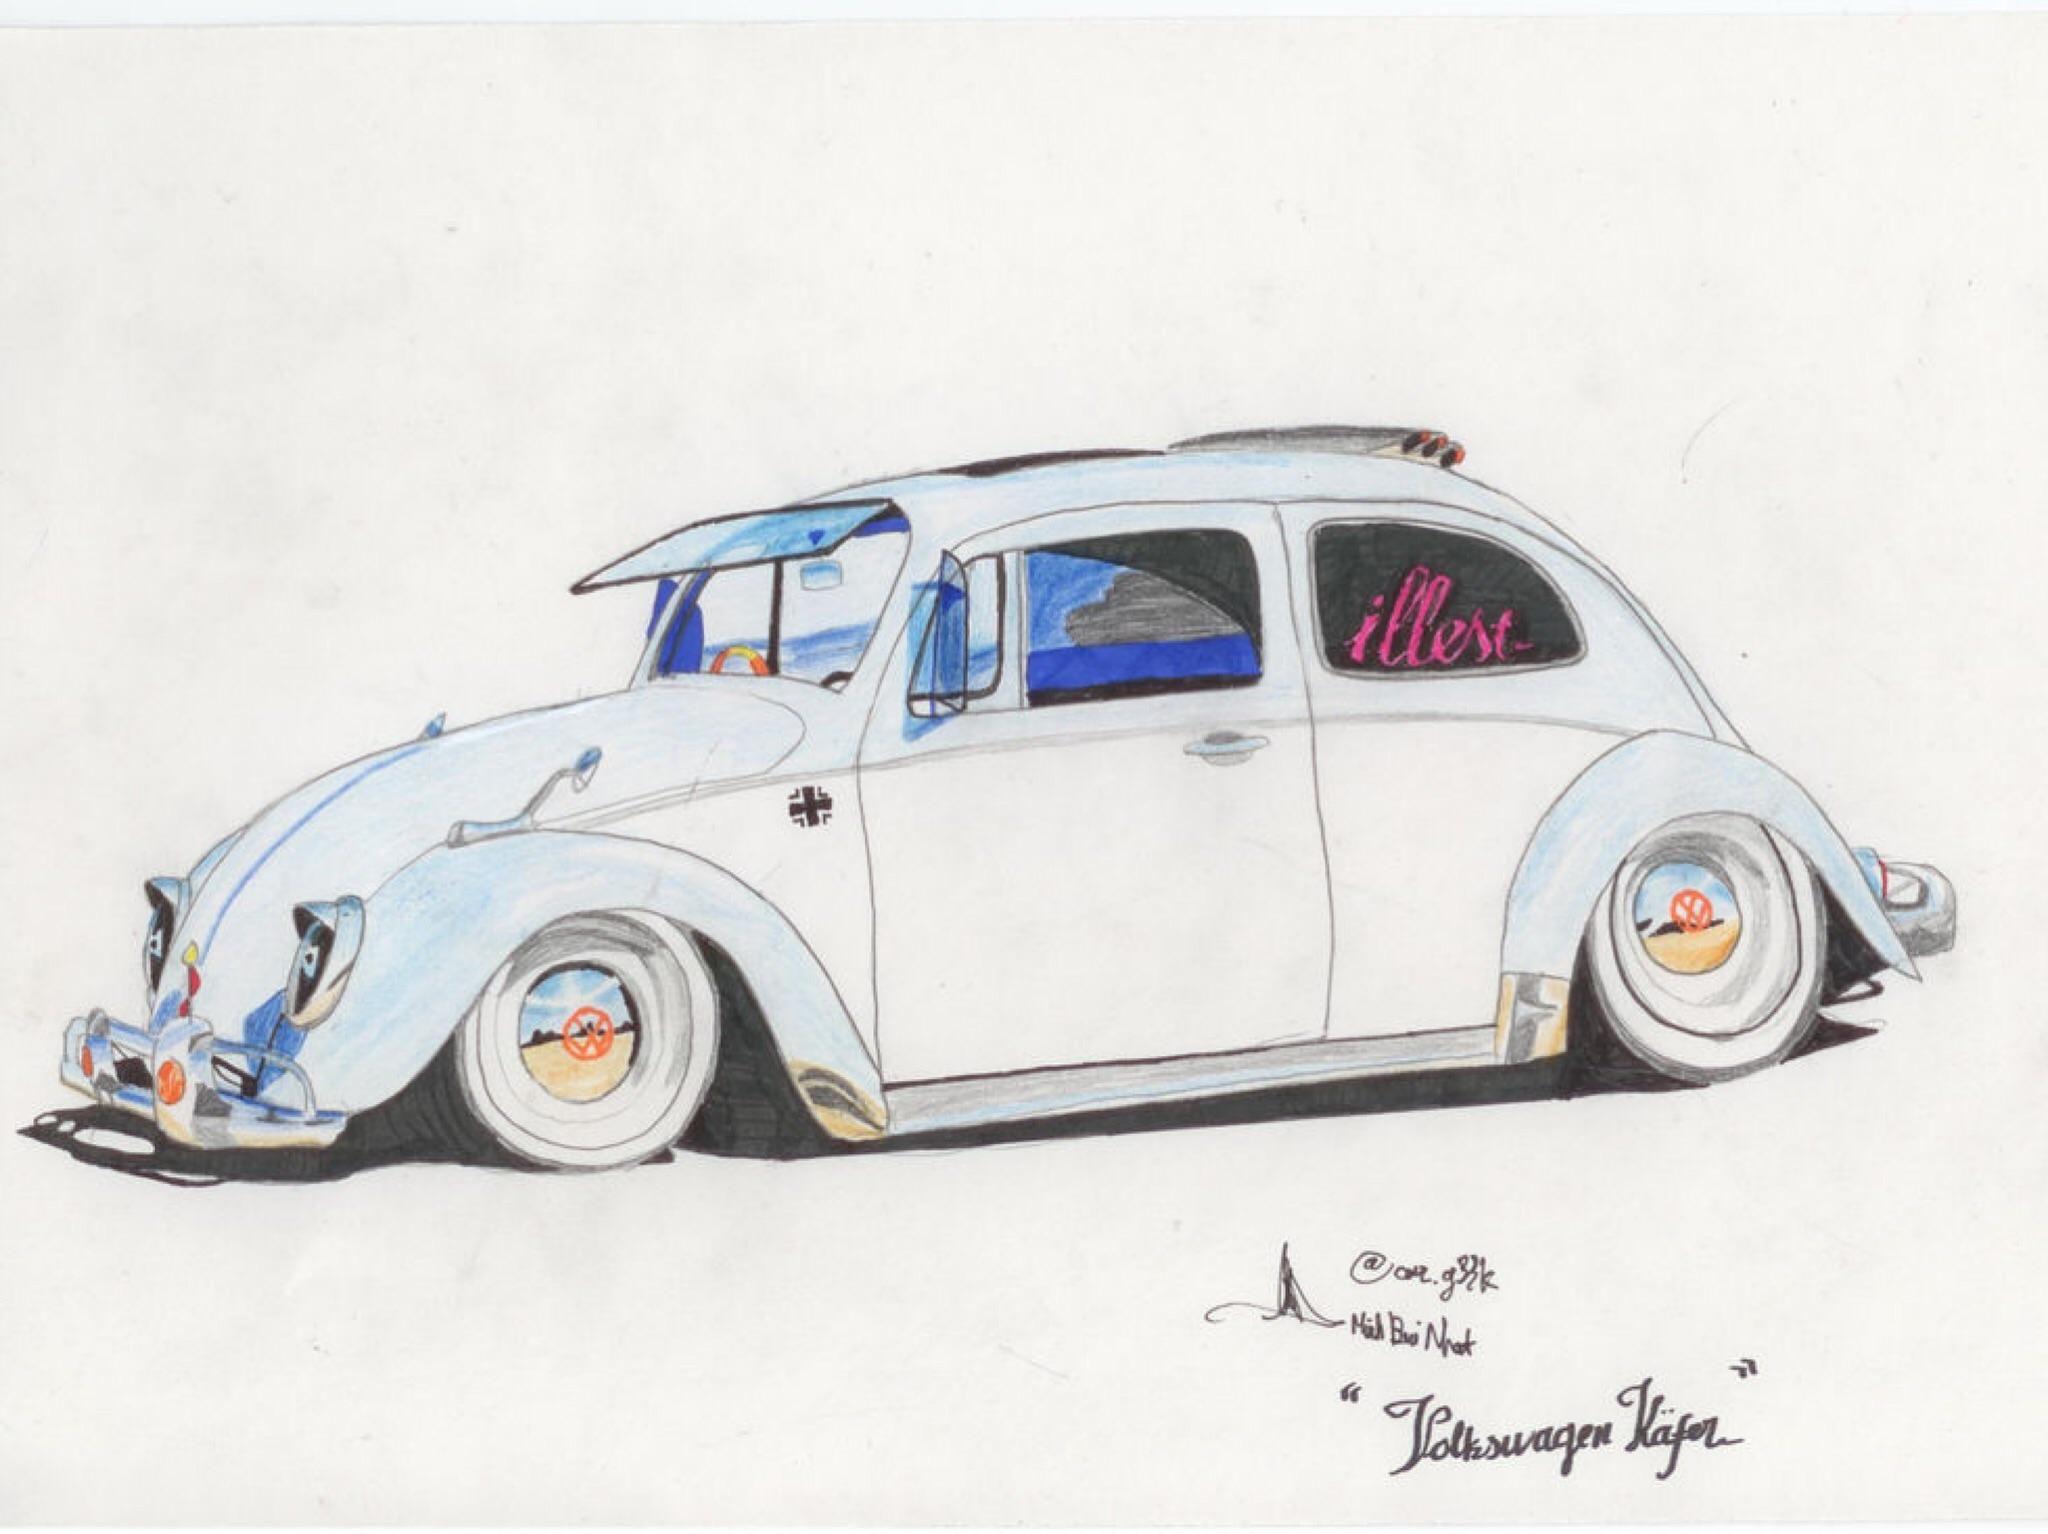 I drew a 1976 Volkswagen Käfer Car_geek.